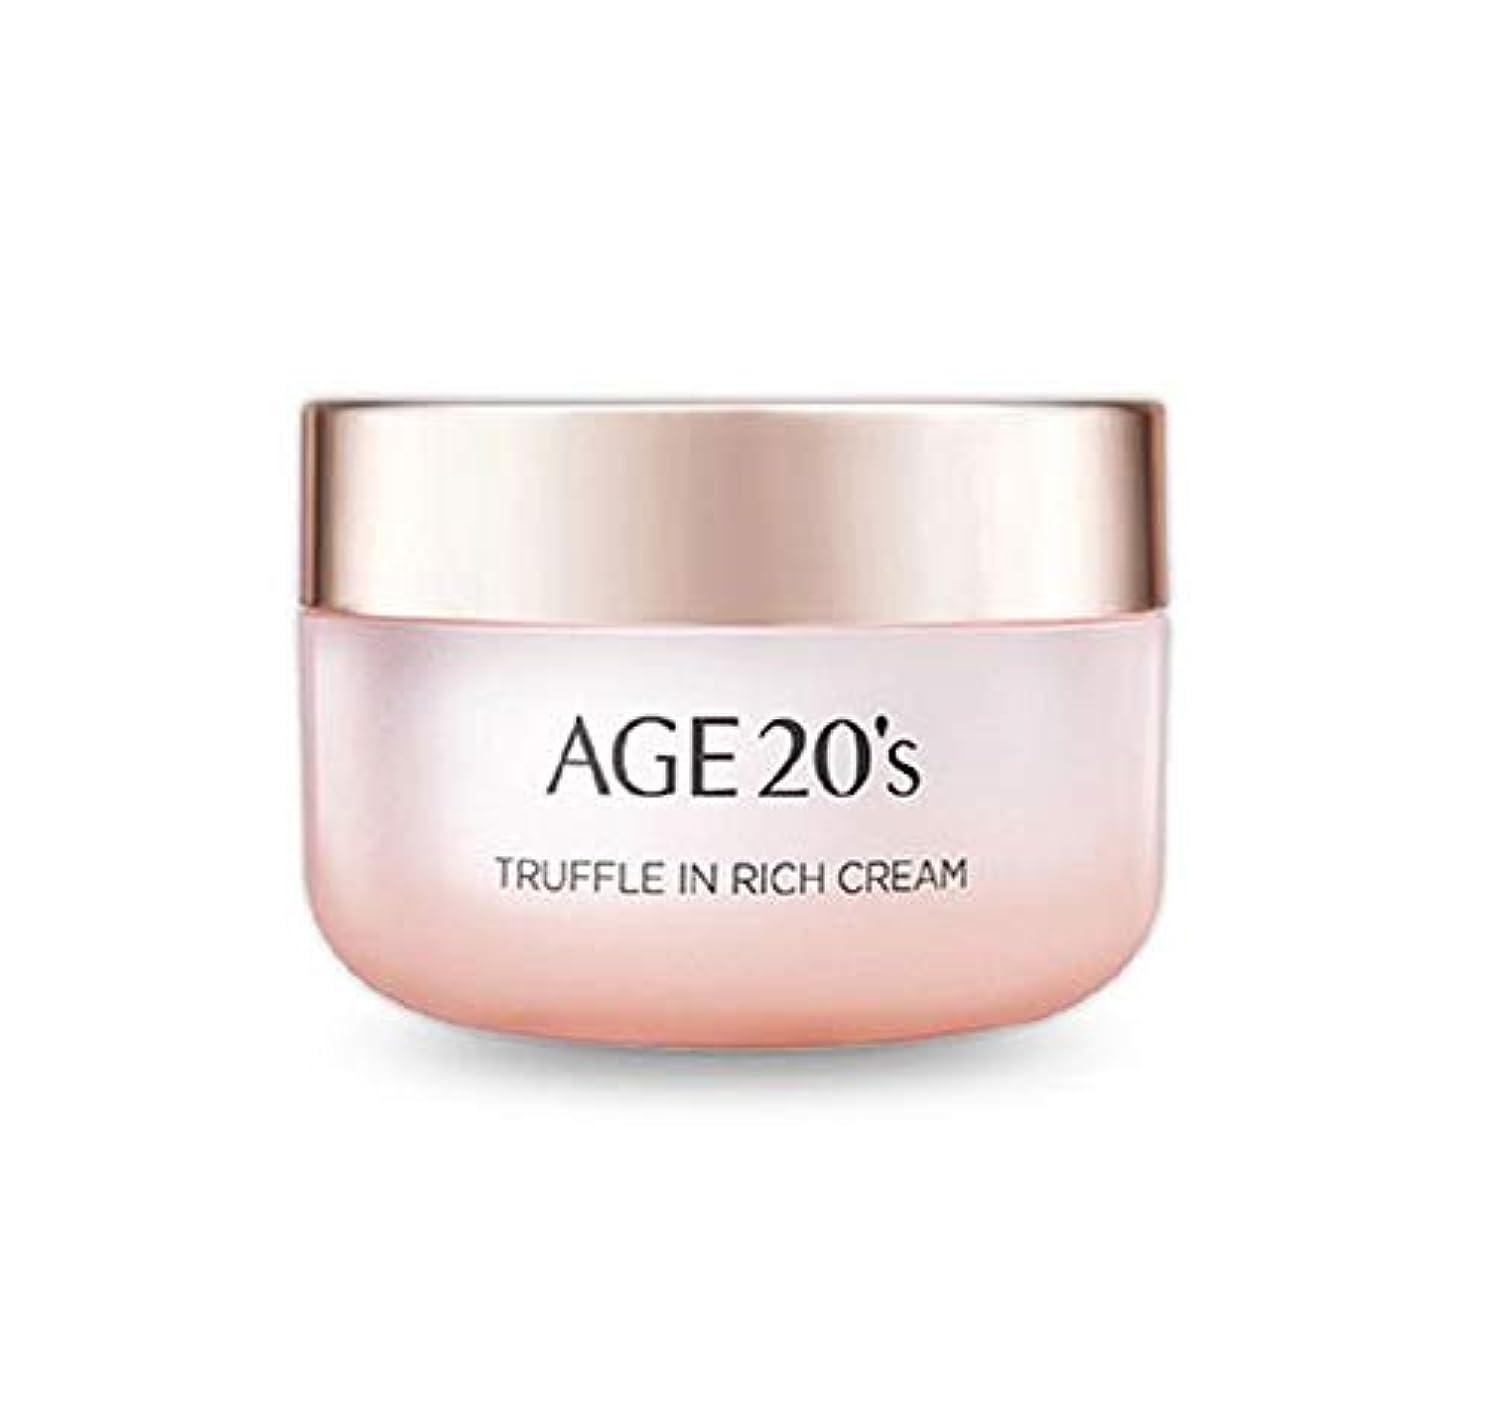 減らす終点美しいエイジトゥエンティスAge20's 韓国コスメ トリュフリッチ クリーム 50g 海外直送品 Truffle in rich Cream [並行輸入品]